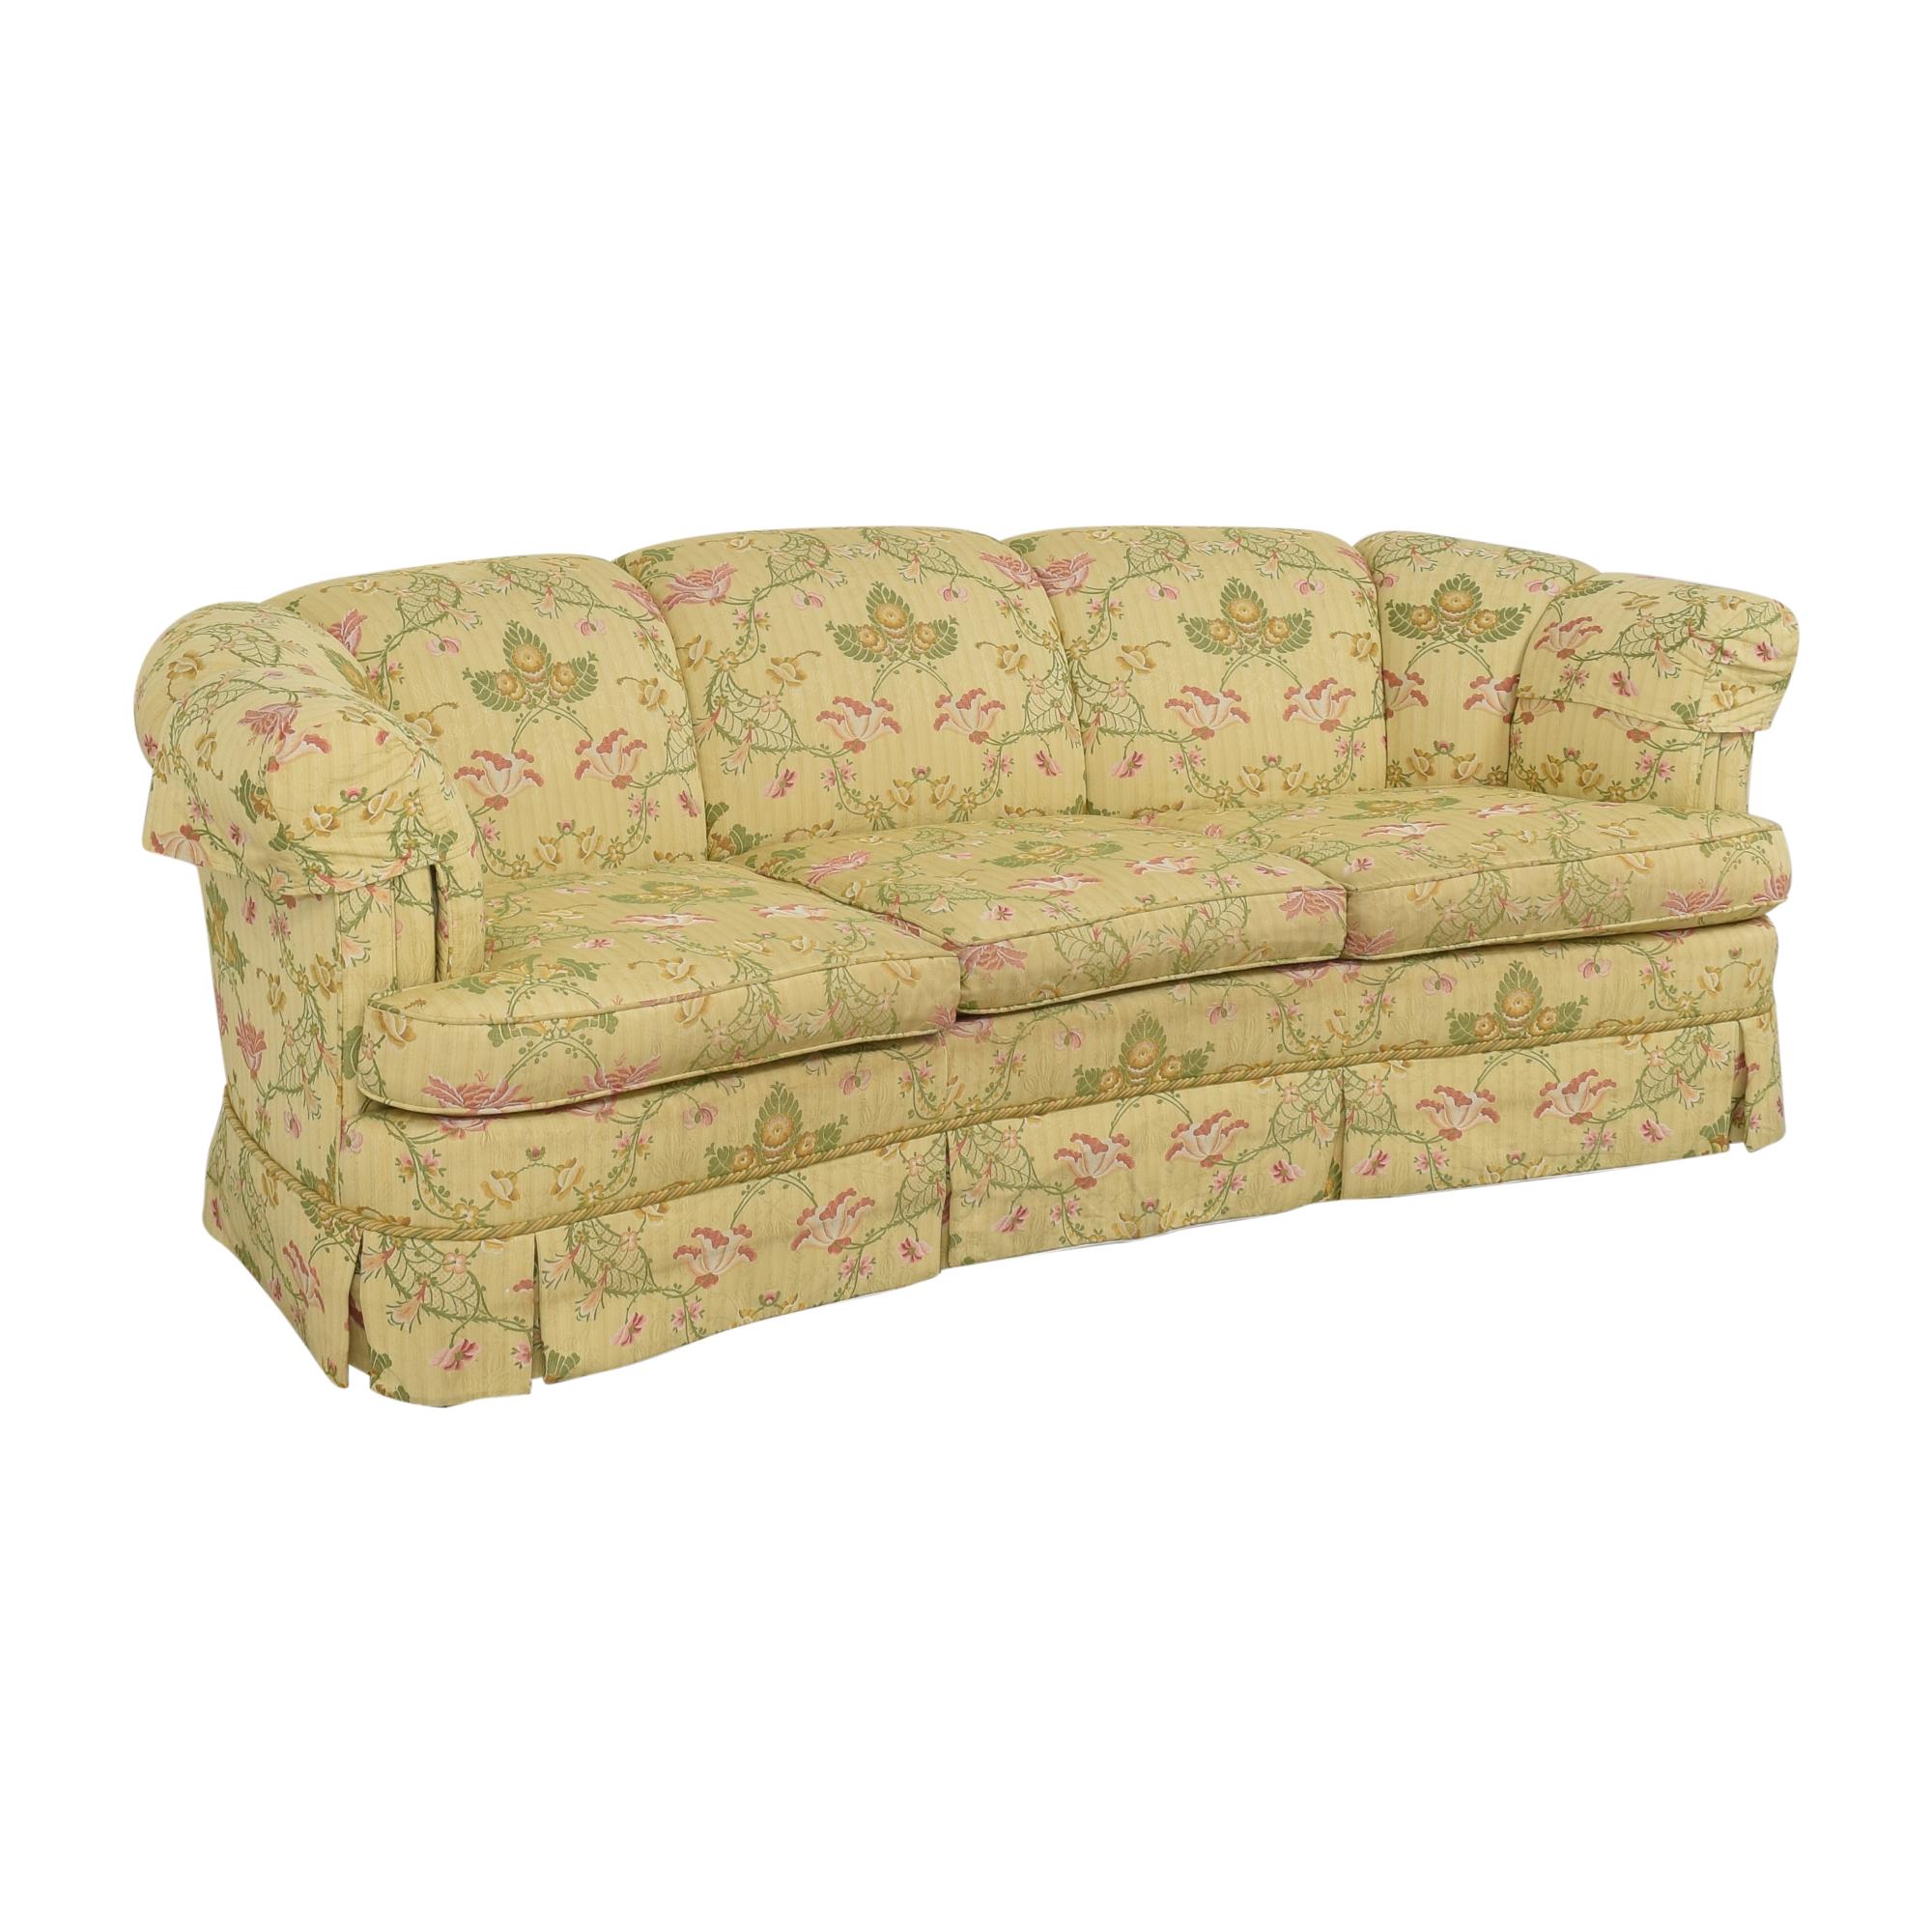 Kindel Kindel Floral Crescent Sofa multi